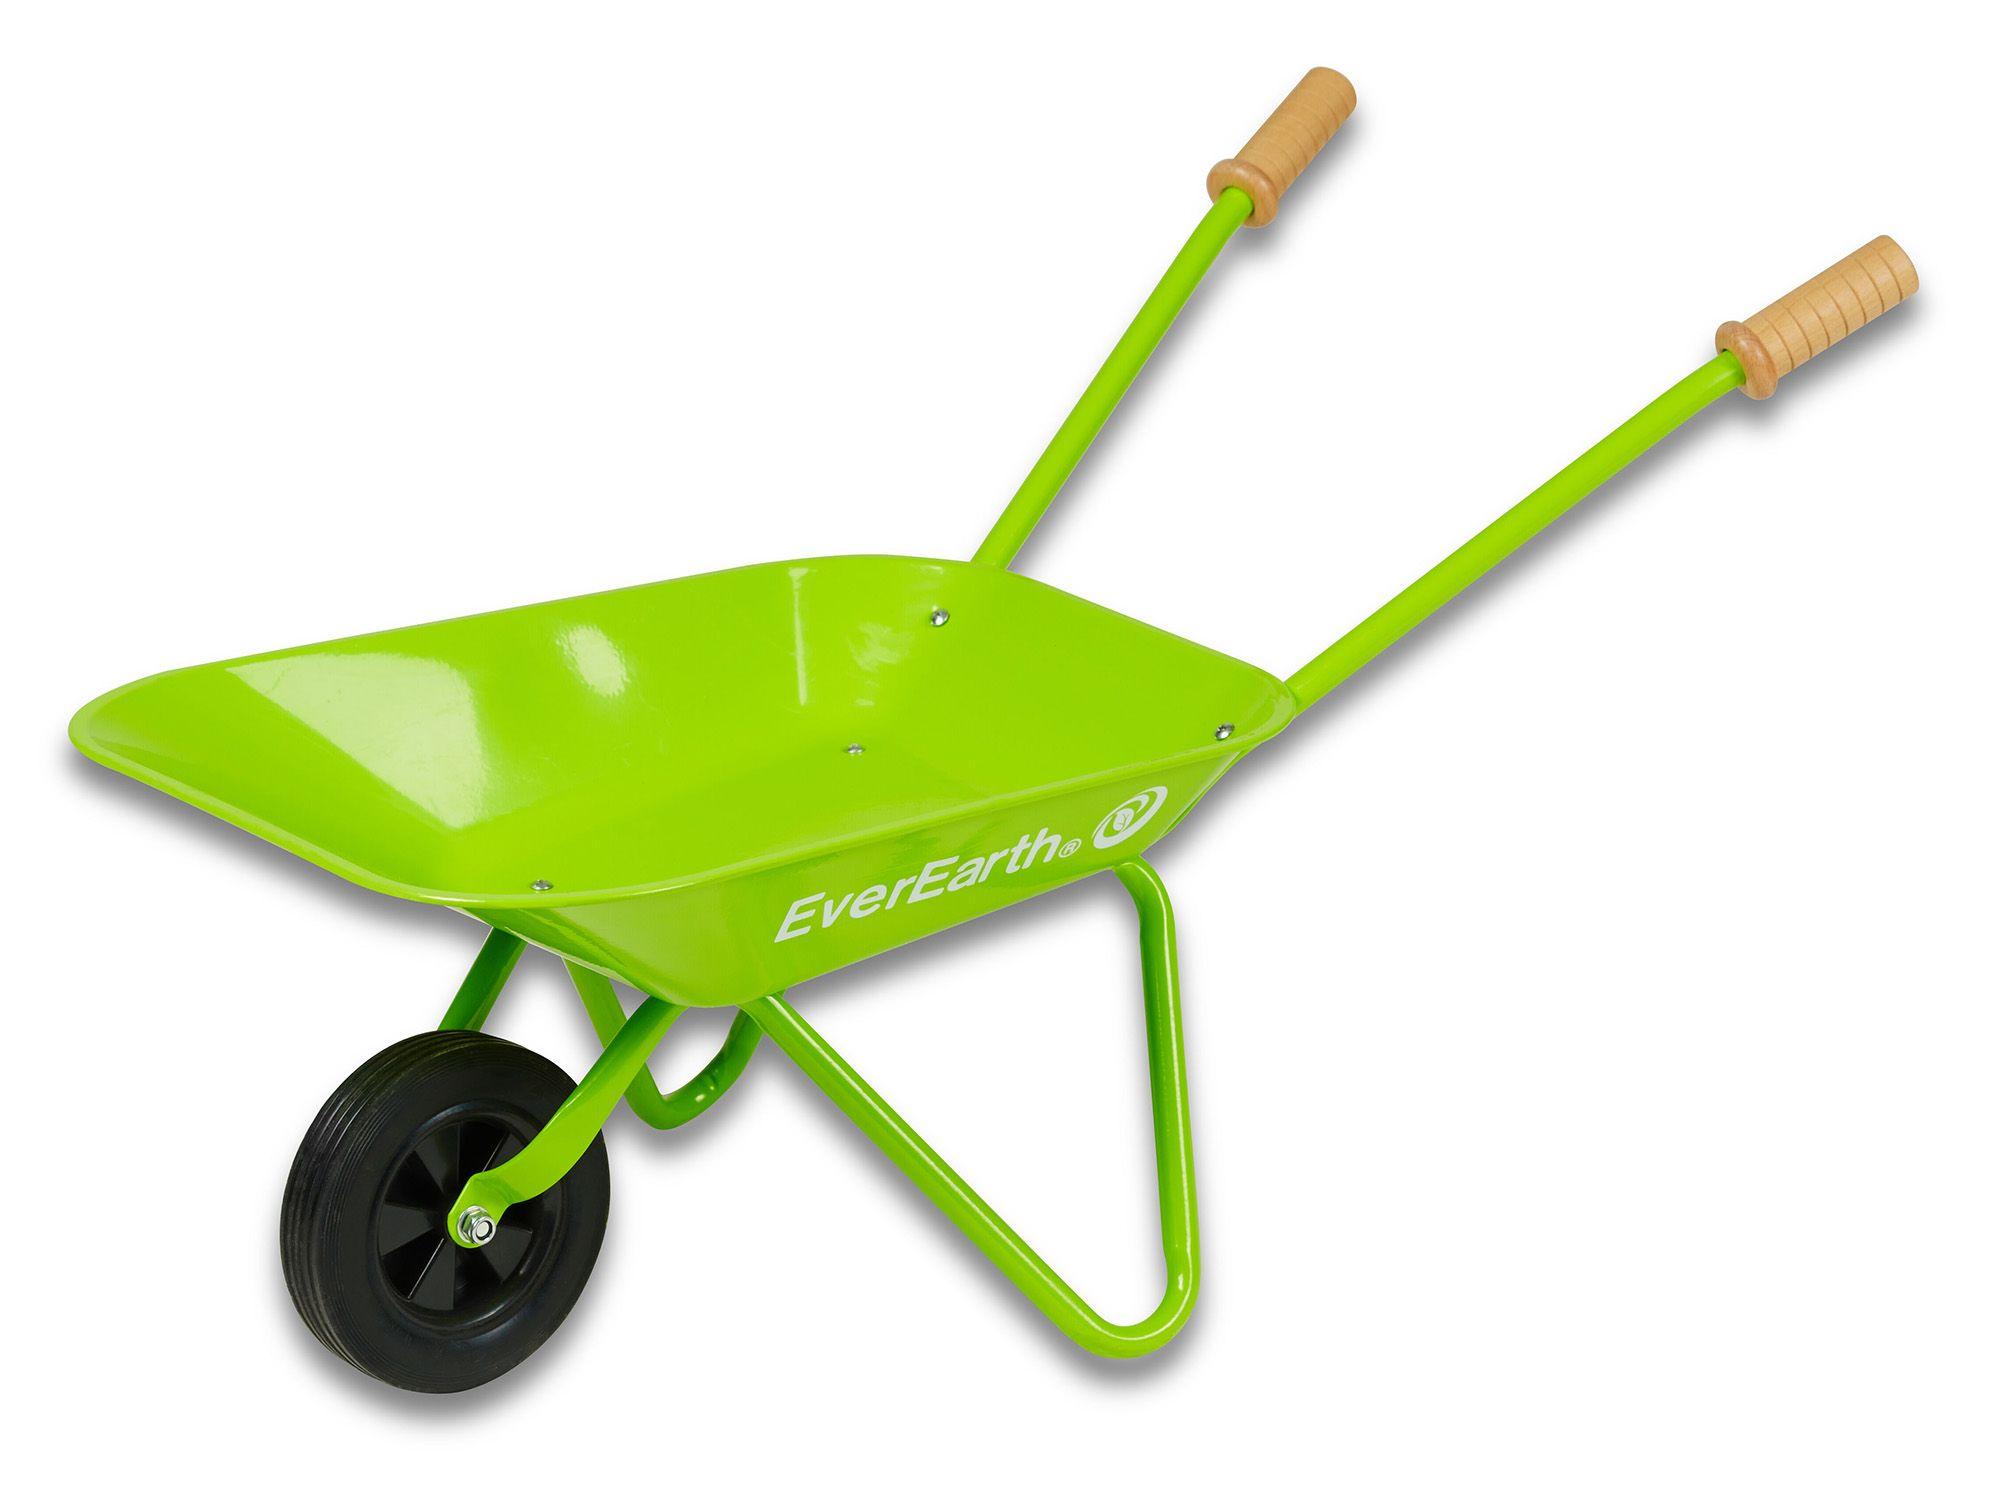 EVEREARTH EverEarth® Kinder-Schubkarre mit Griffen aus Holz